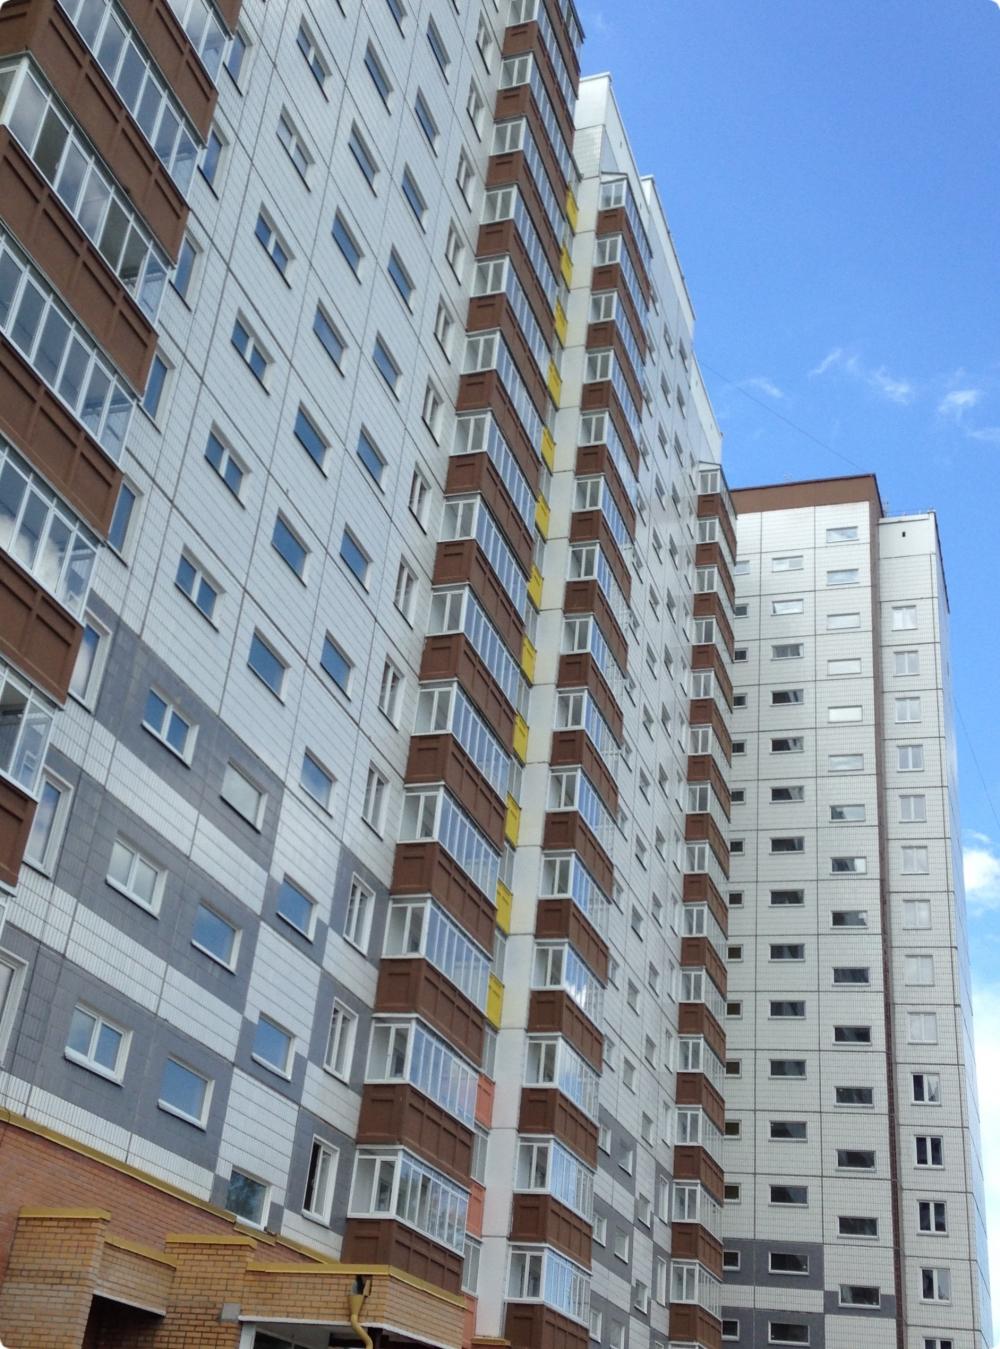 Управляющая строительная компания сибиряк ооо инвестиционно-строительная компания аси